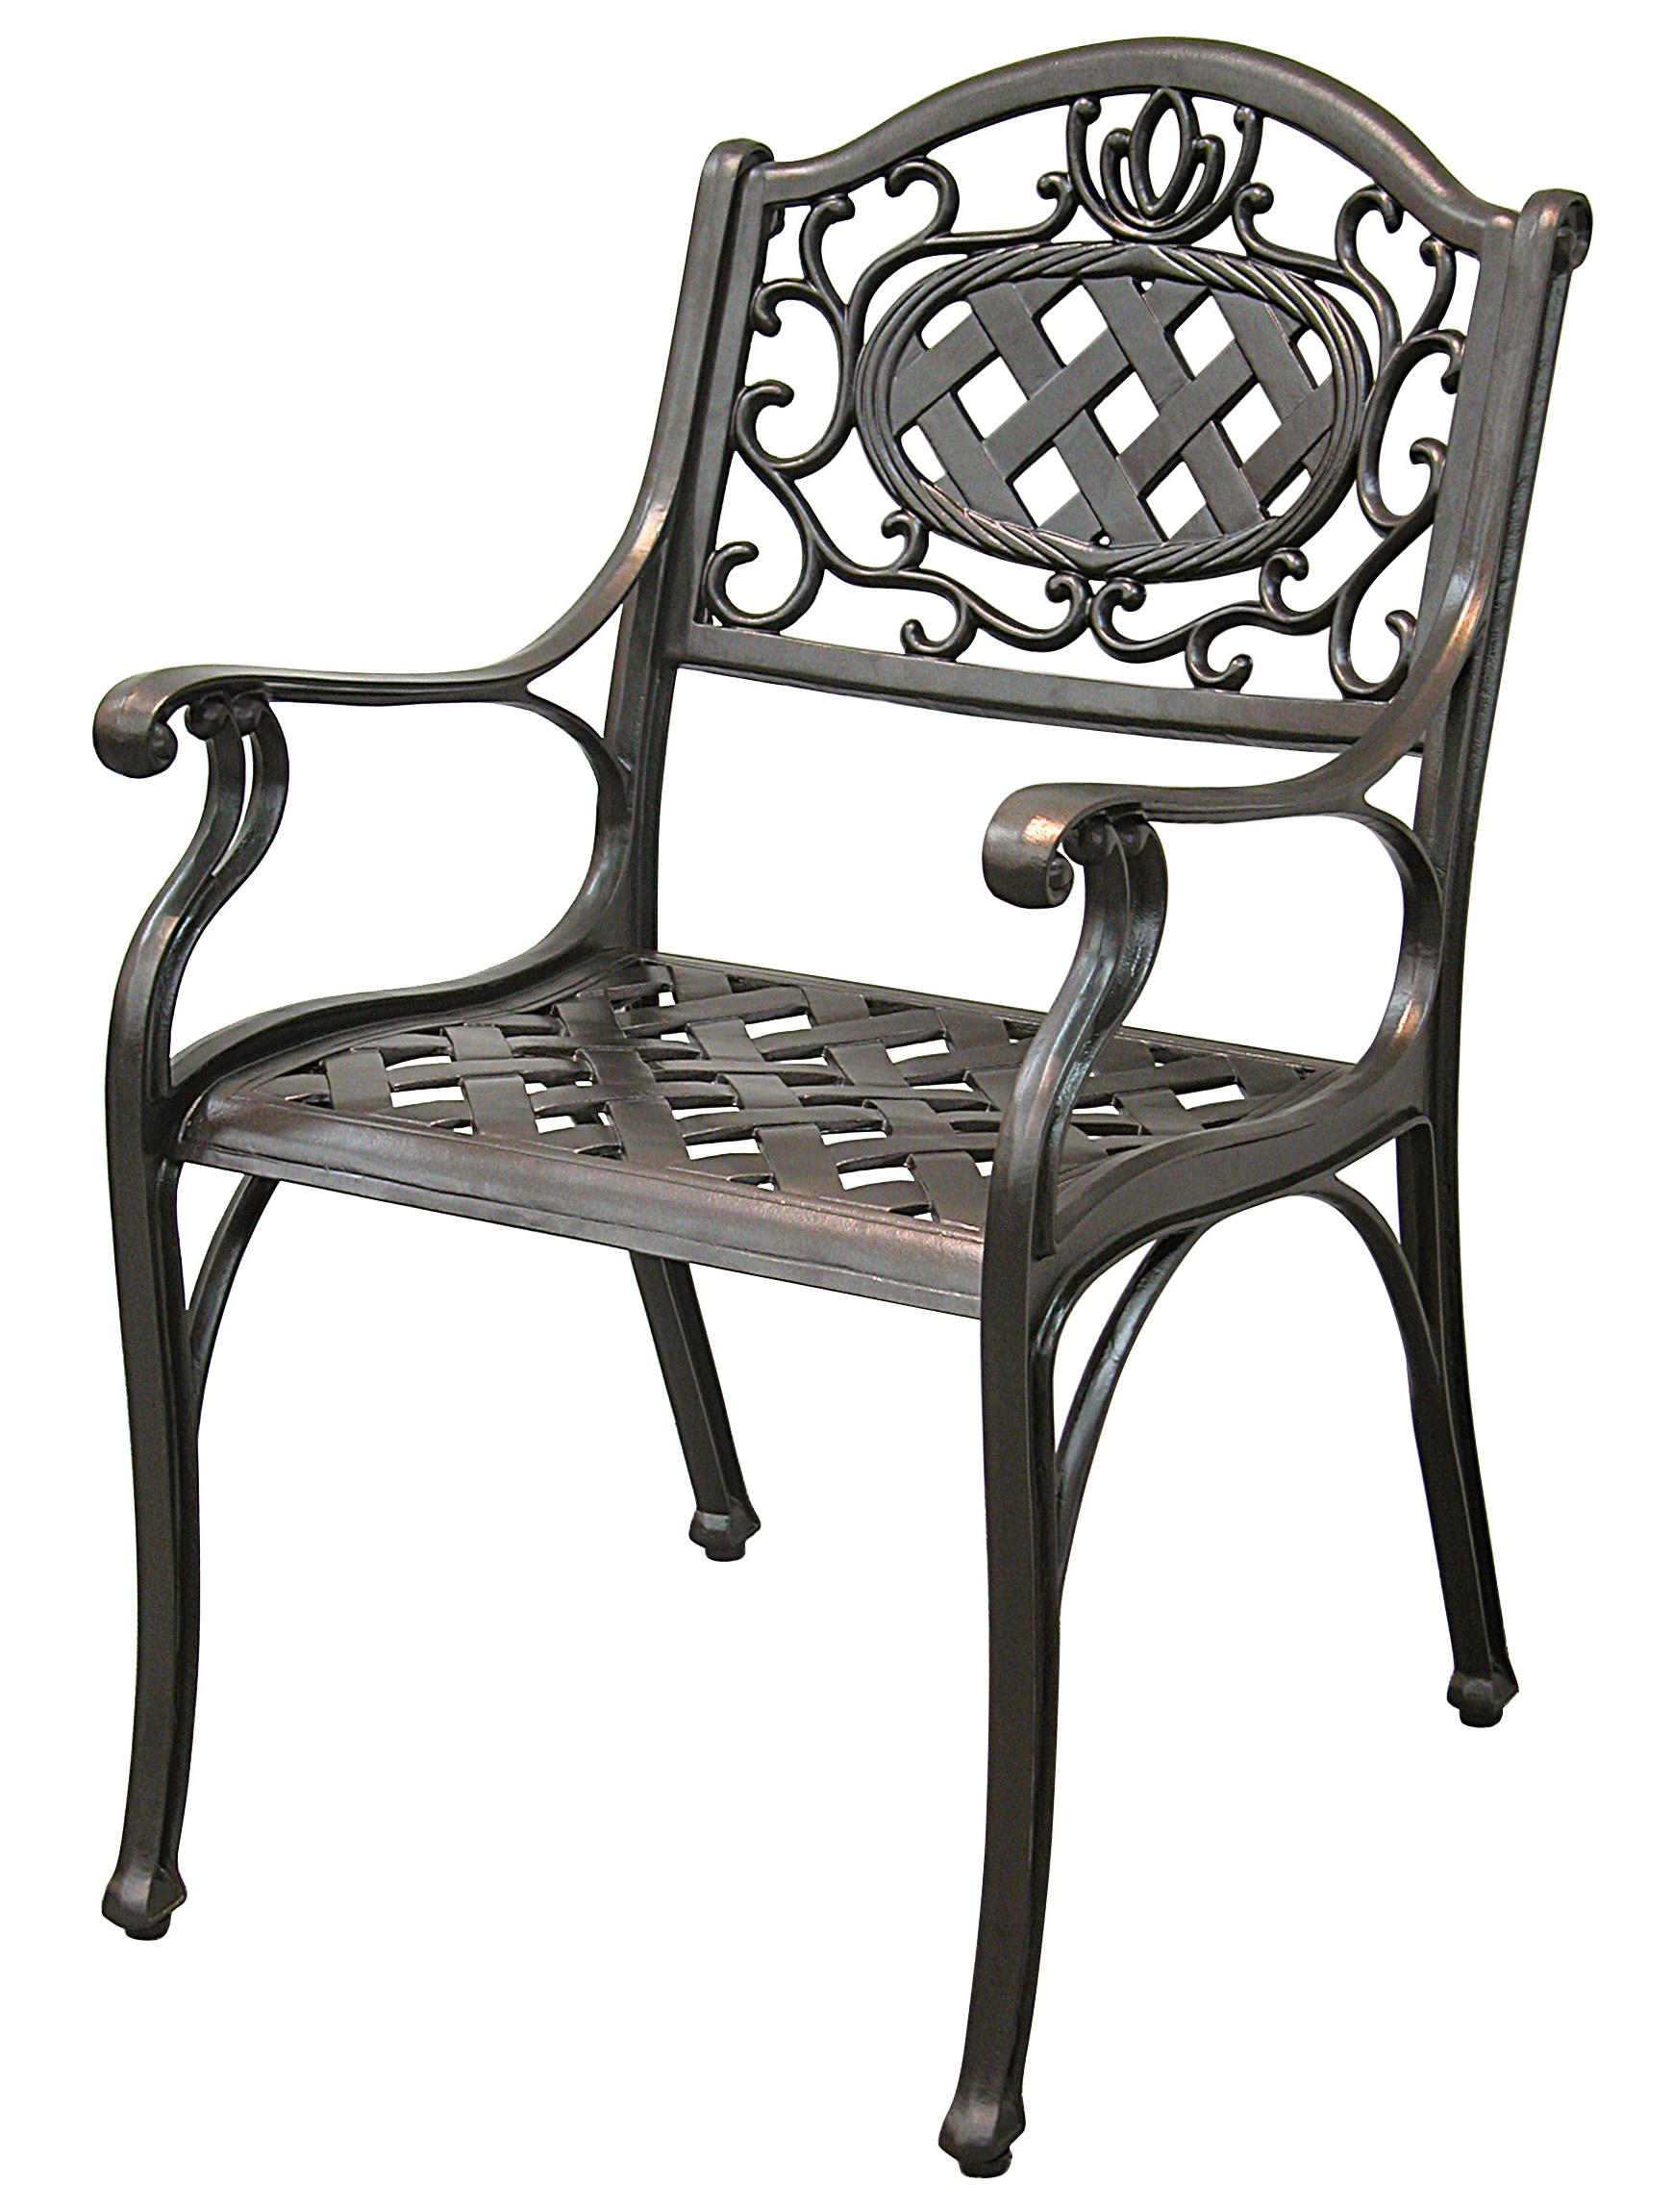 Patio Furniture Chair Dining Arm Cast Aluminum Cambridge